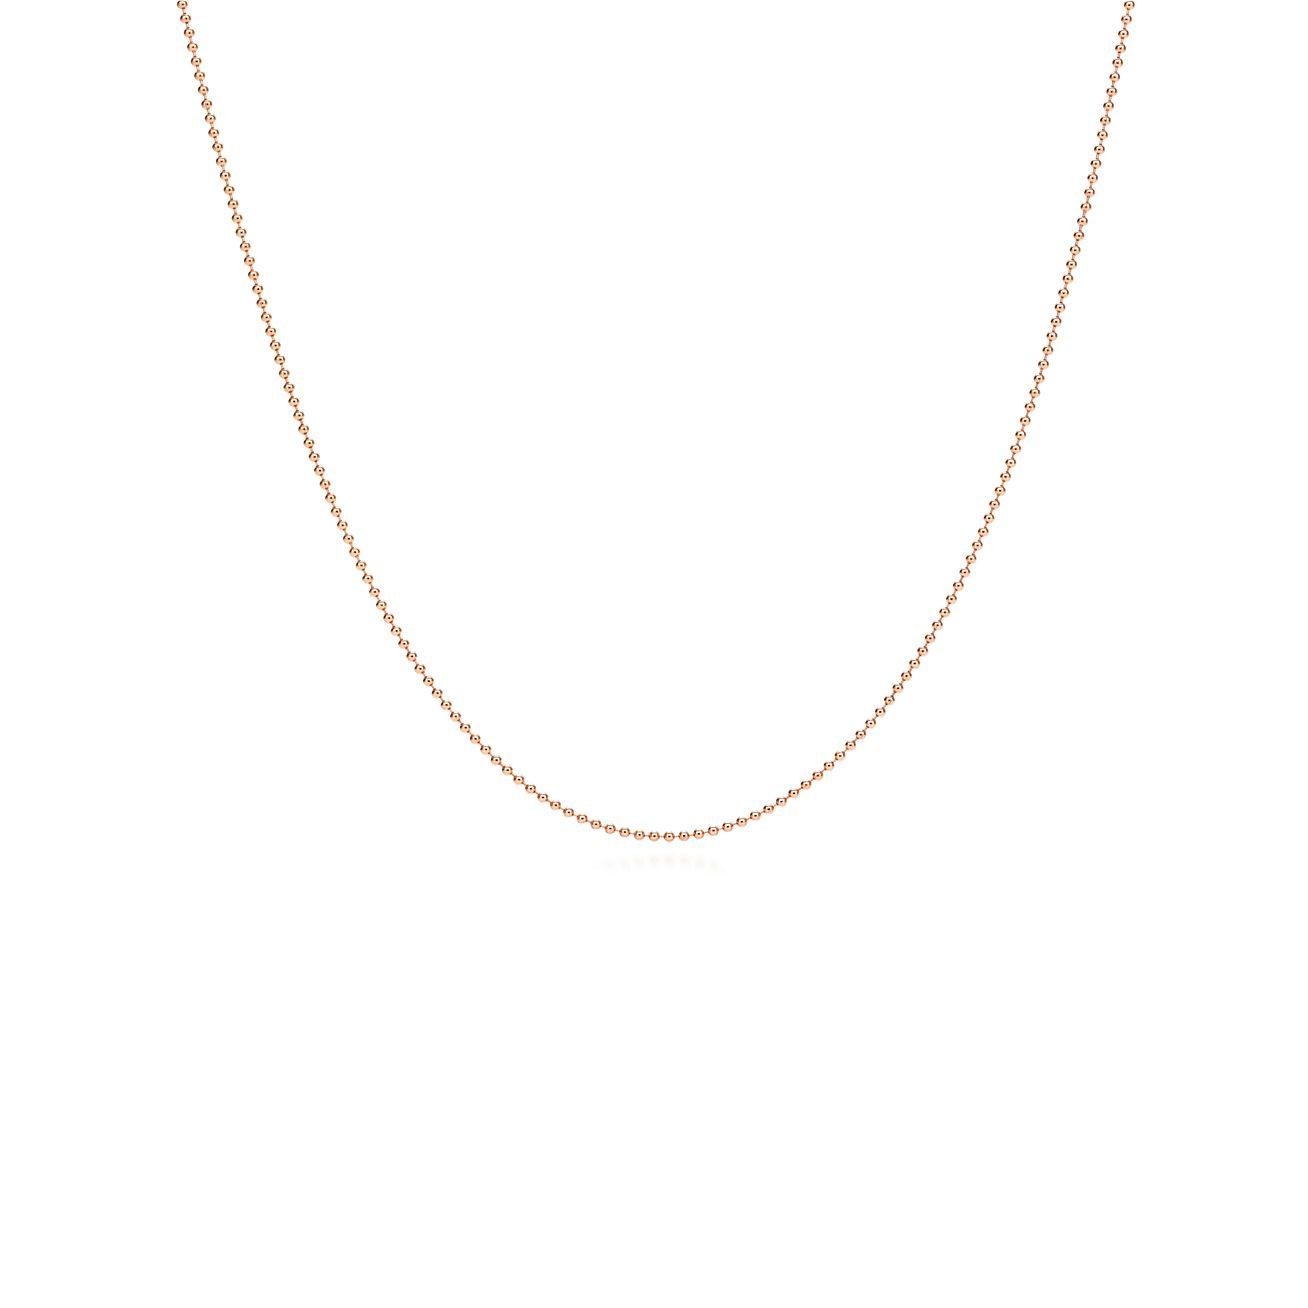 Chaîne de perles fantaisie en or rose 18 carats. Longueur   61 cm ... f9b3f848aa42